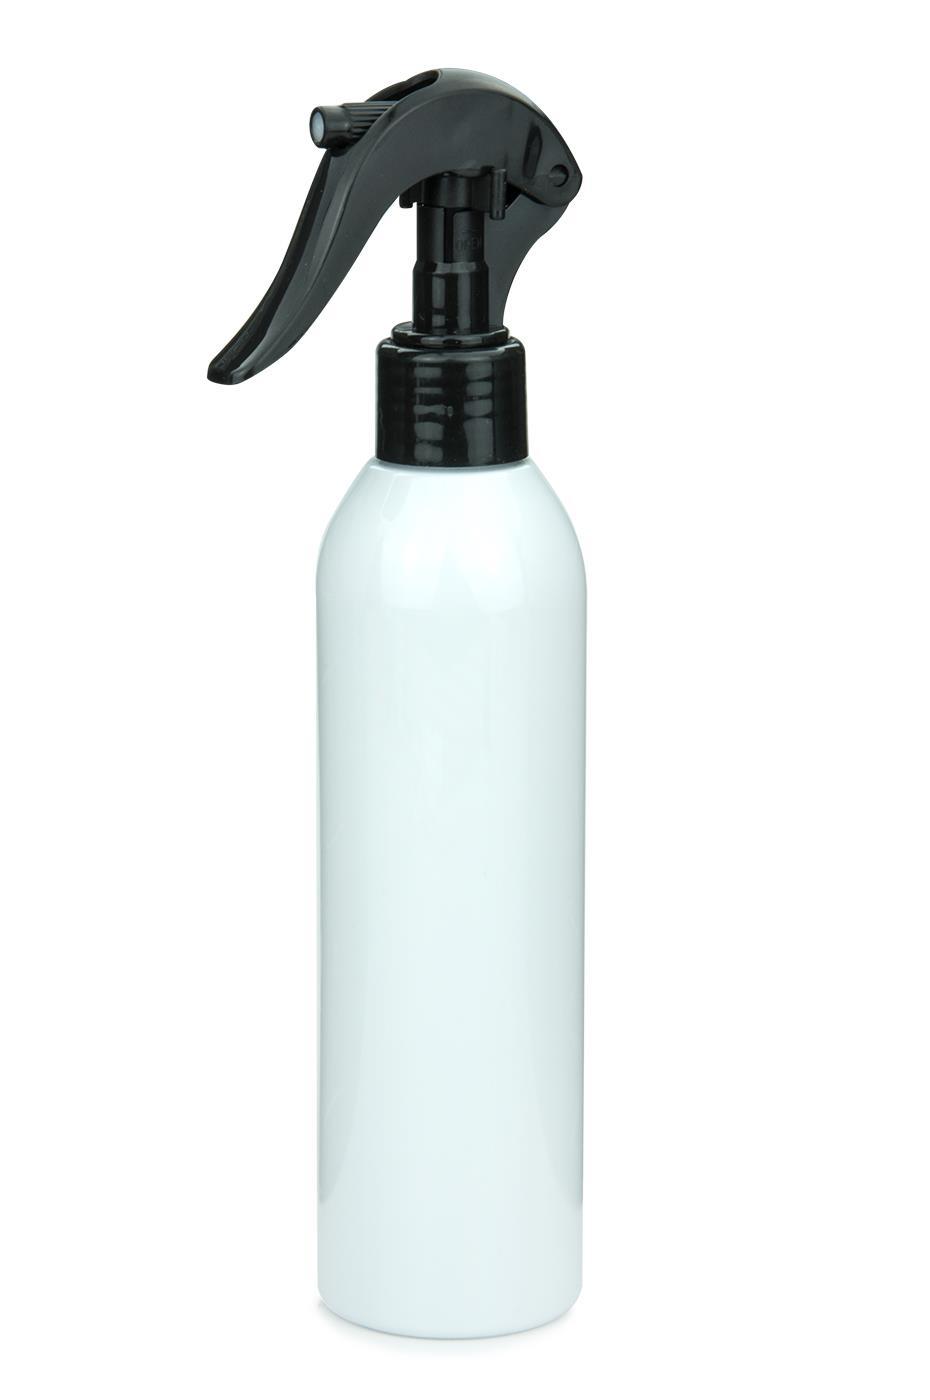 pet flasche aida 250 ml wei mit mini trigger spr hzerst uber 24 410 schwarz. Black Bedroom Furniture Sets. Home Design Ideas